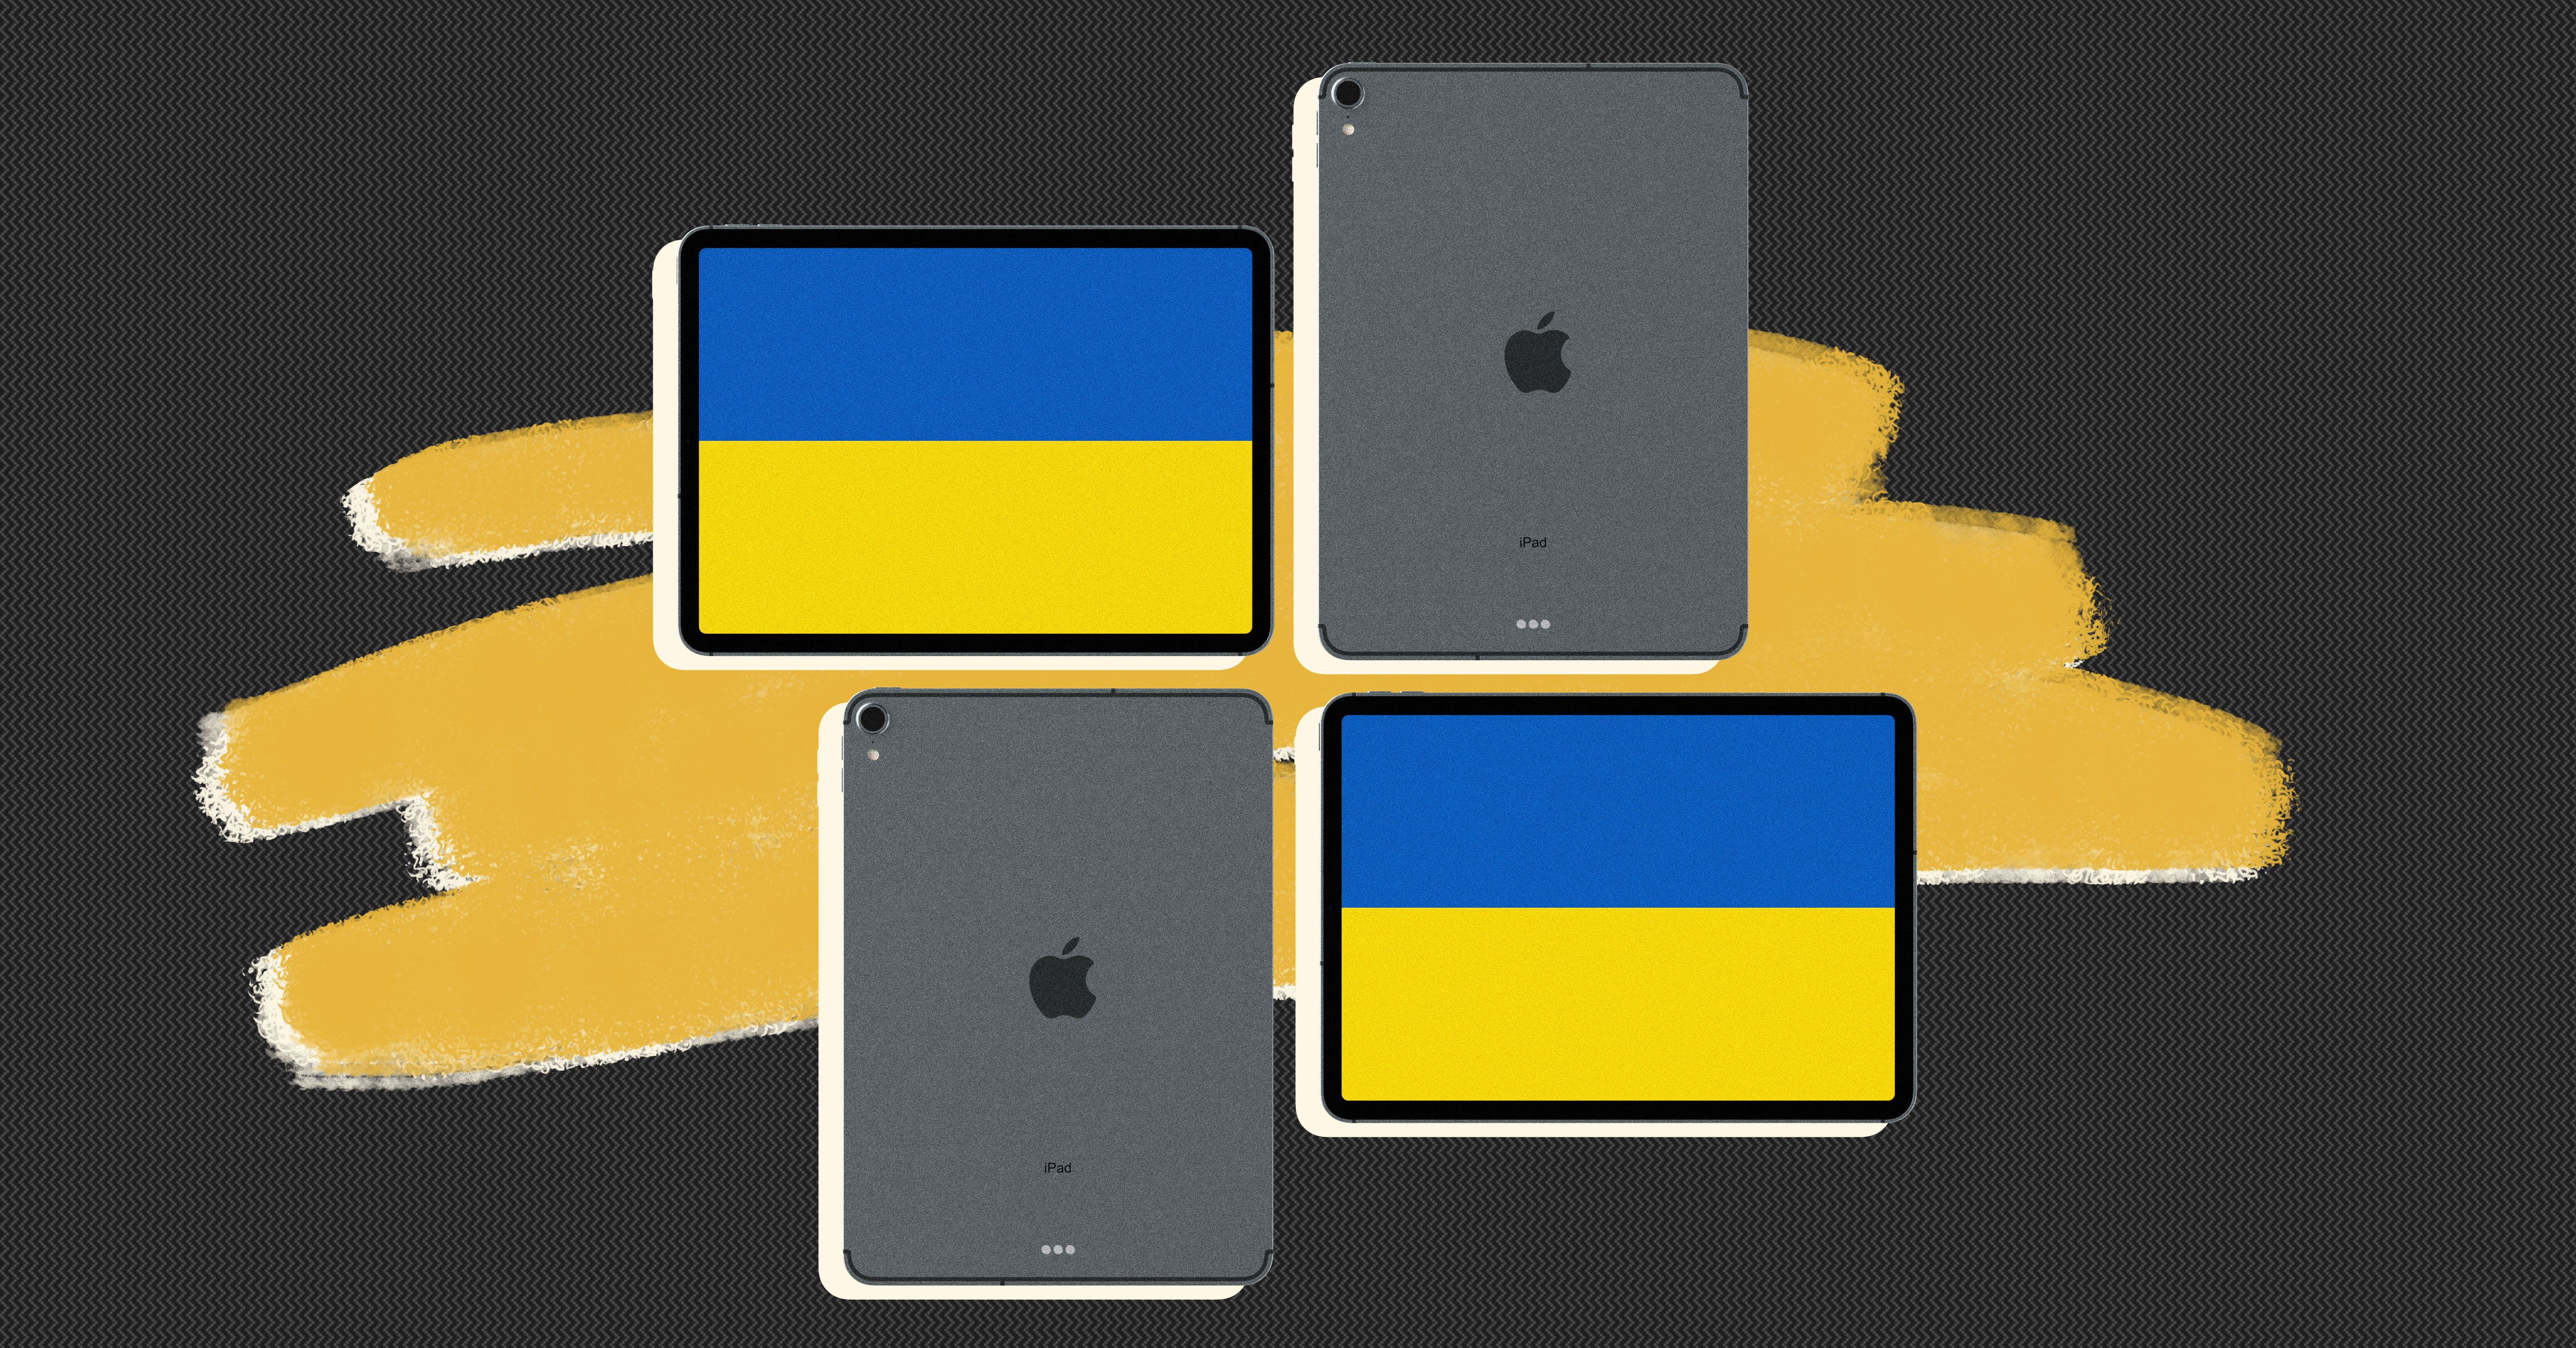 311f41307089e Почему Apple до сих пор не зашла в Украину и вряд ли сделает это в  ближайшее время